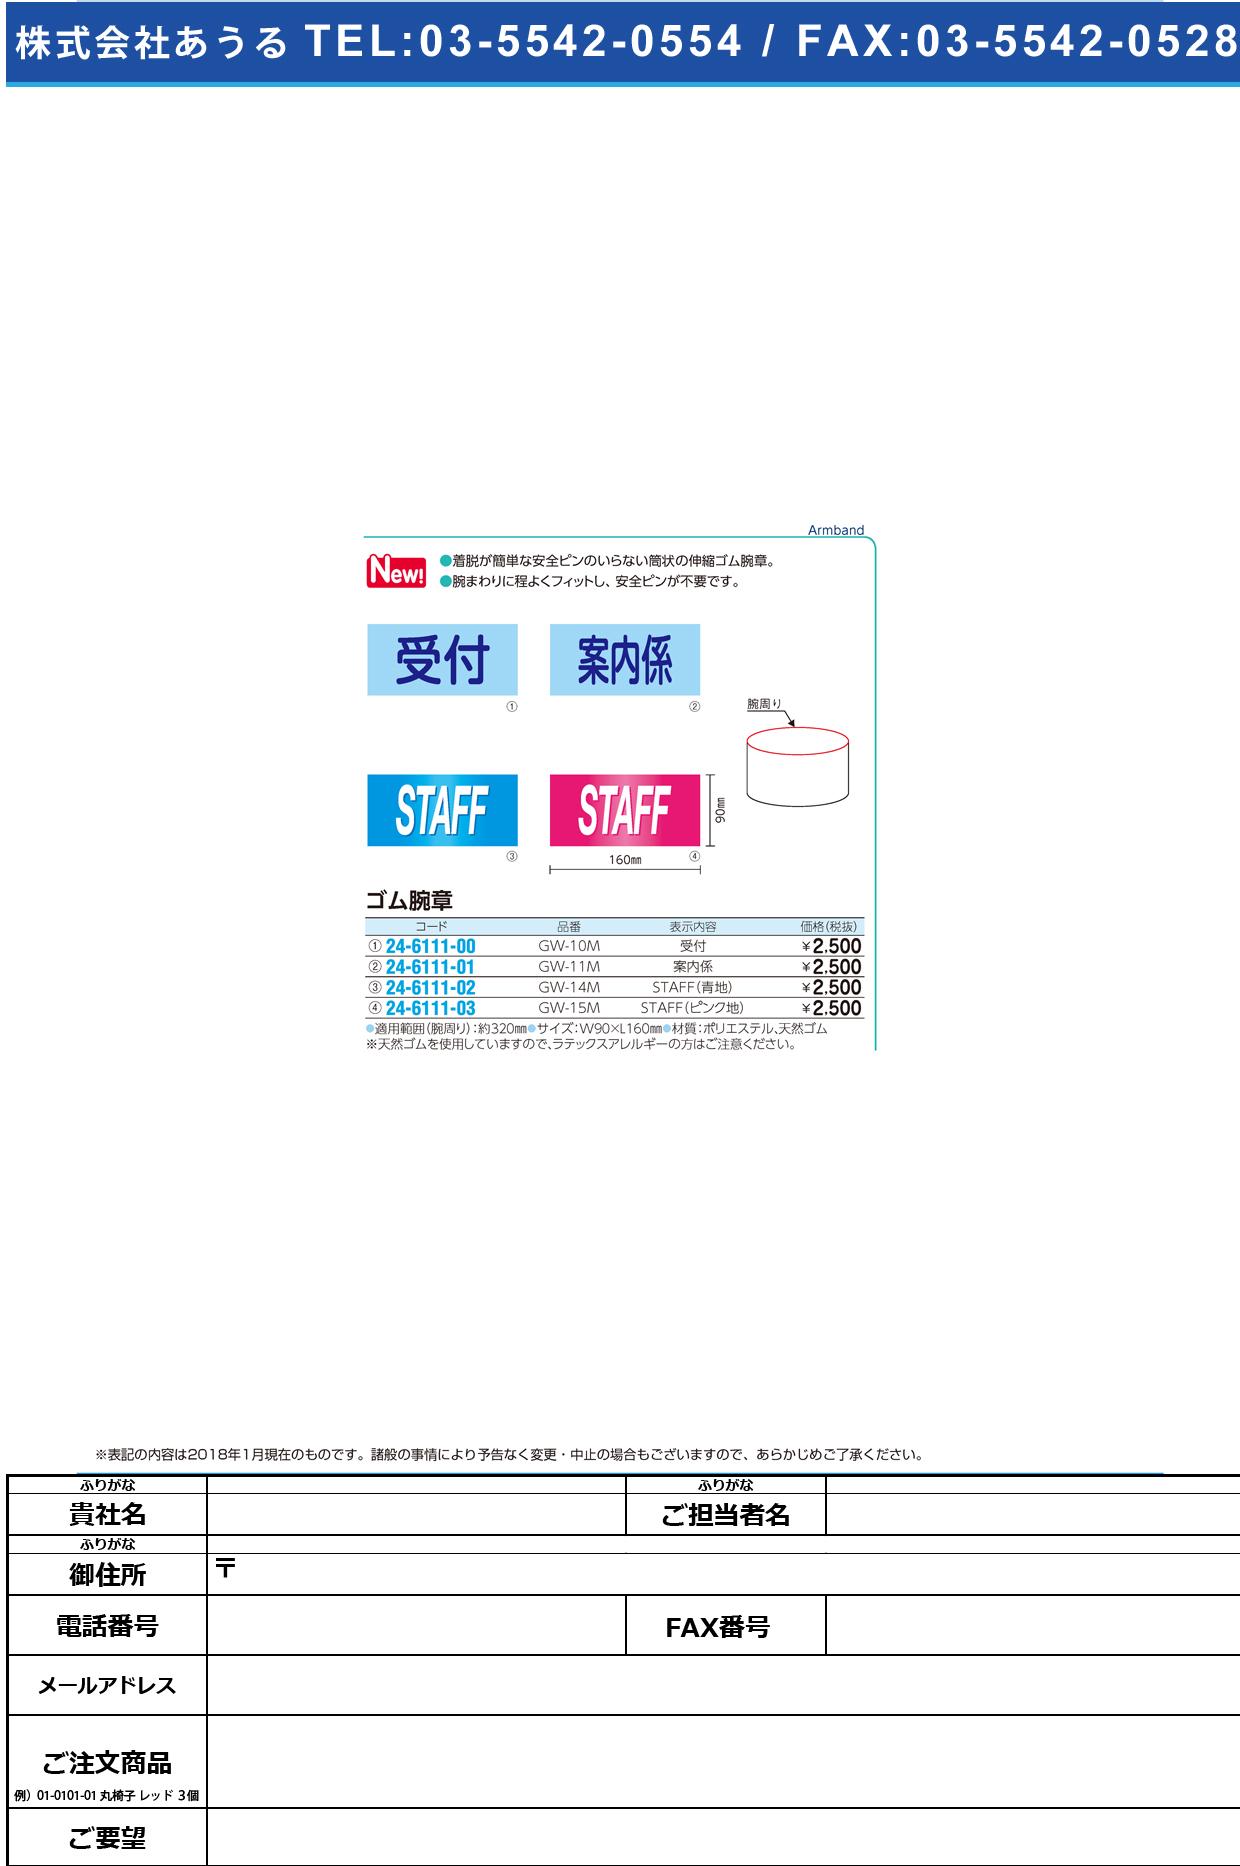 (24-6111-03)ゴム腕章(STAFF・ピンク地) GW-15M(90X160MM) ゴムワンショウ(STAFFピンクジ【1個単位】【2018年カタログ商品】